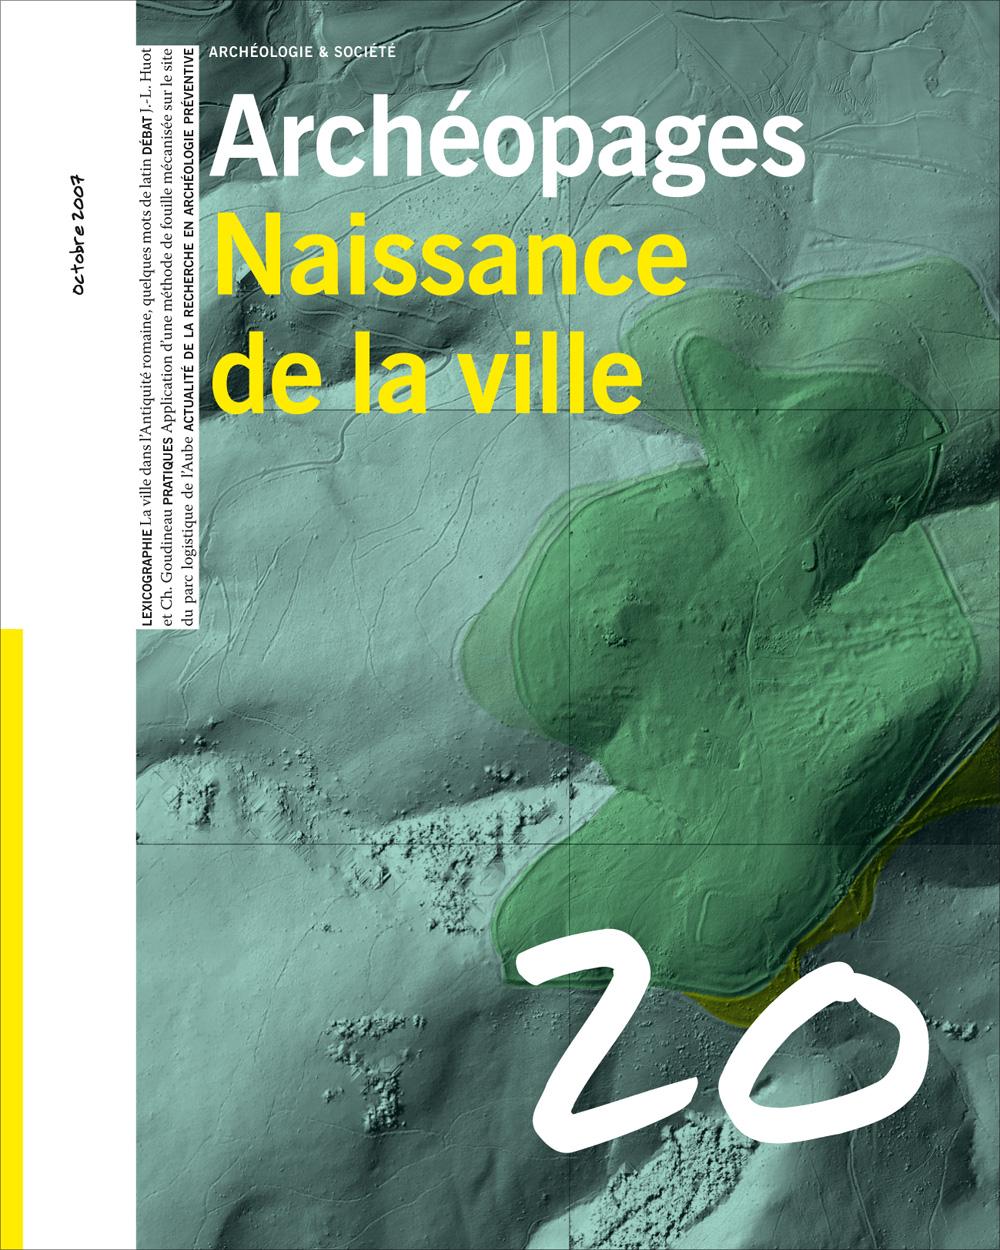 Archéopages n°20 : Naissance de la ville